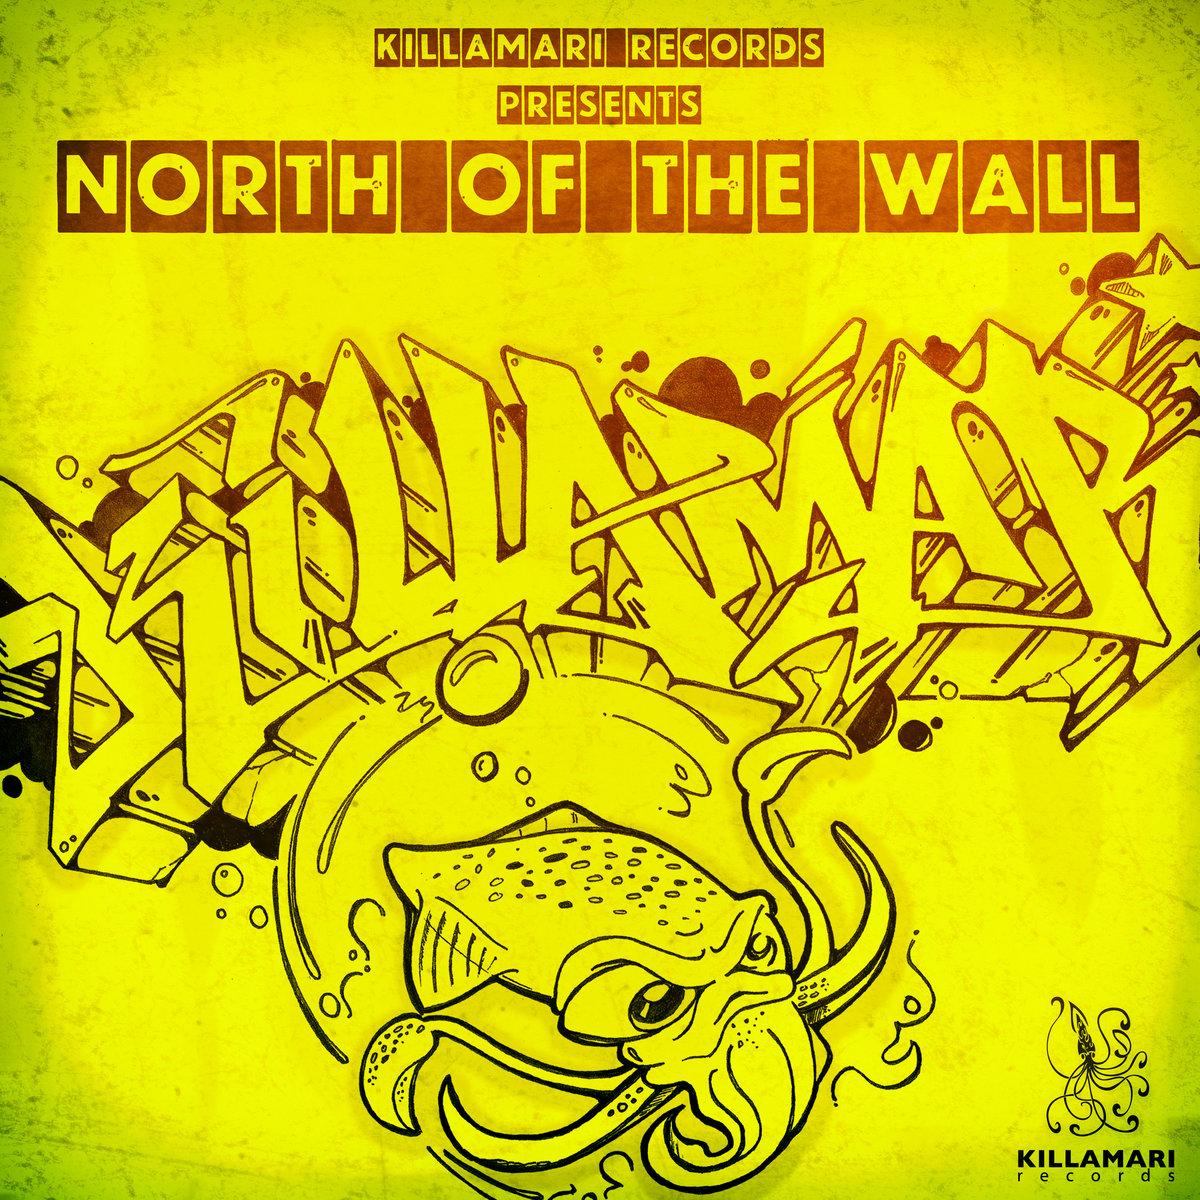 NORTH OF THE WALL | KILLAMARI RECORDS